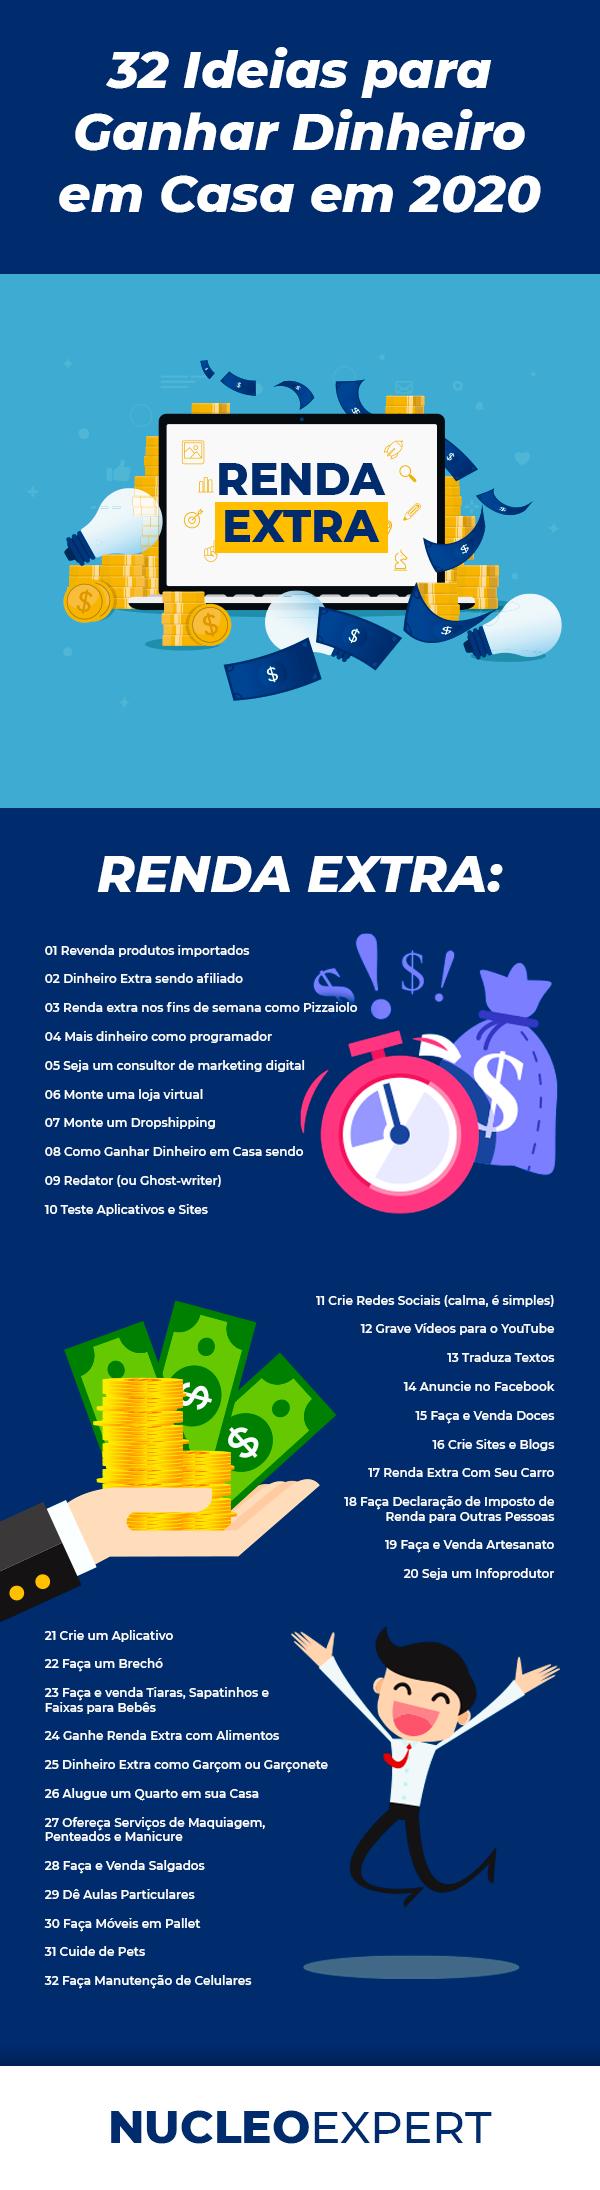 Renda Extra: 32 Ideias para Ganhar Dinheiro em Casa